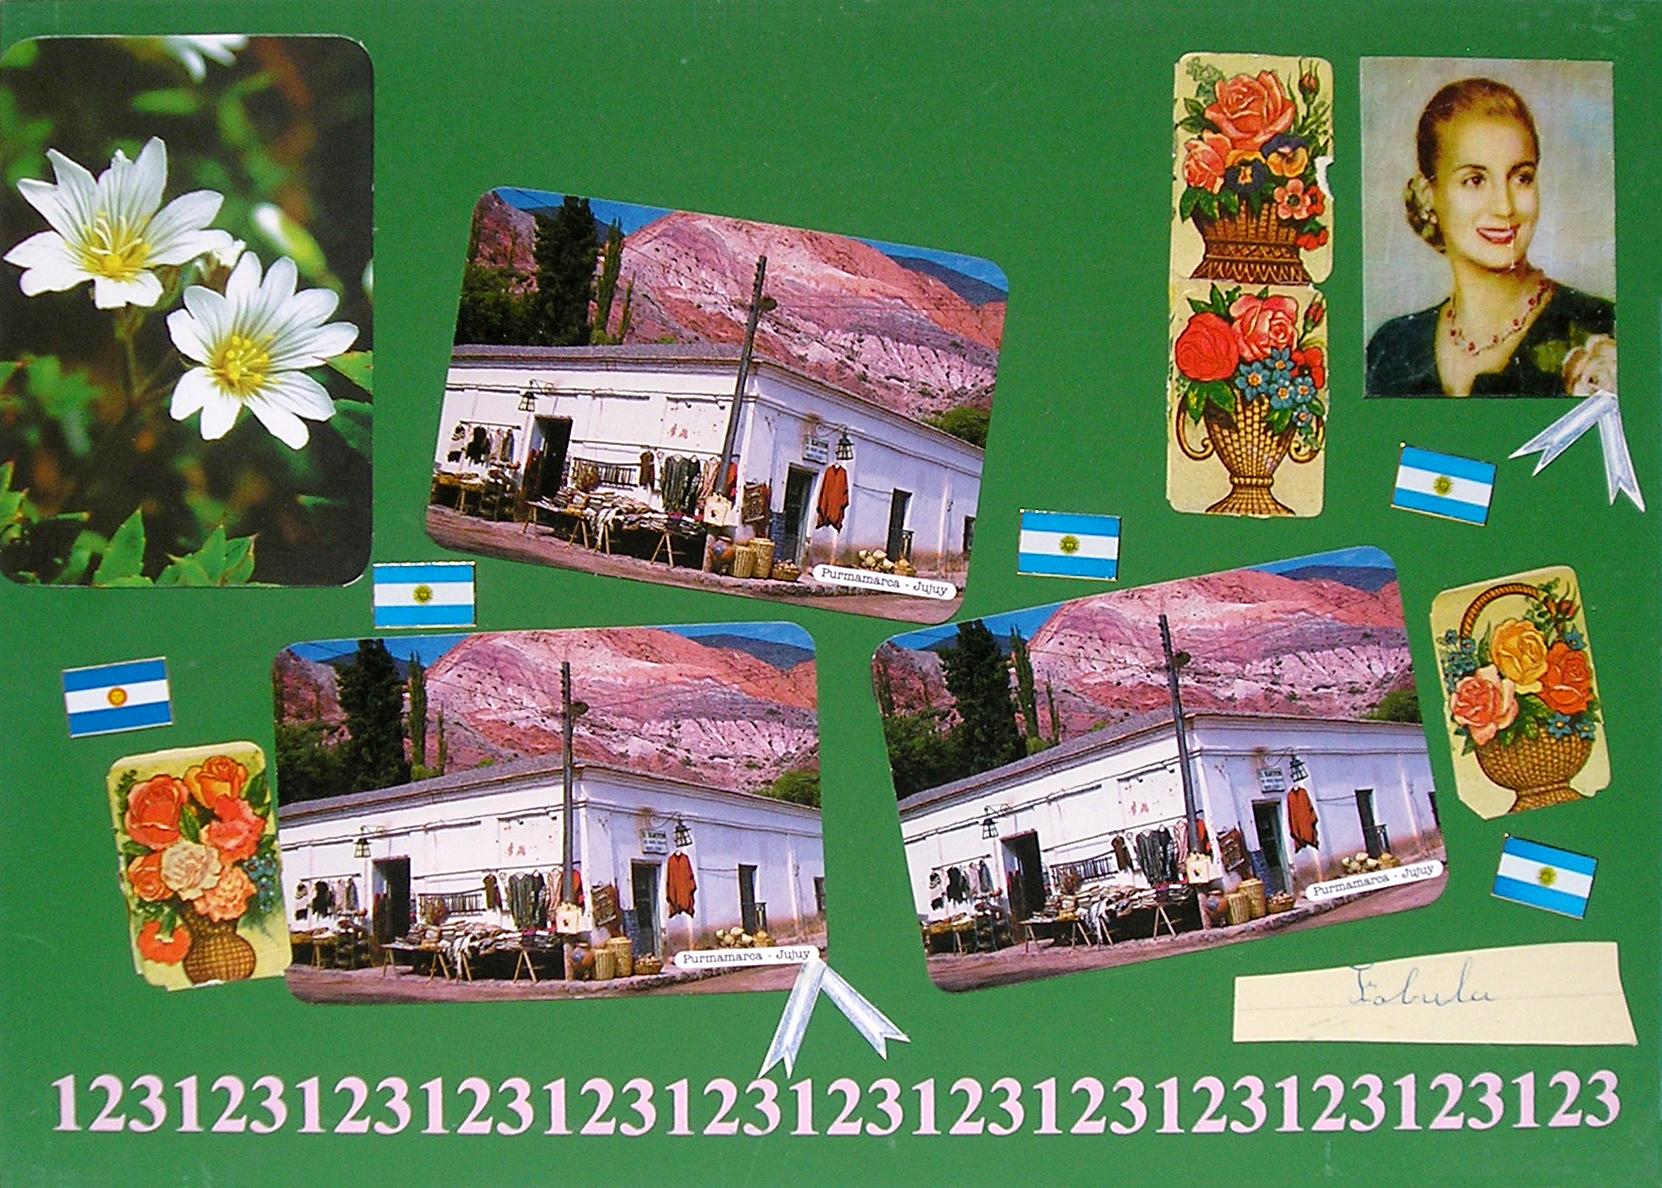 Evita Maestra recorre el país, Purmamarca, Jujuy; serie, técnica mixta sobre pizarrón; 21 x 30 cm, 2007